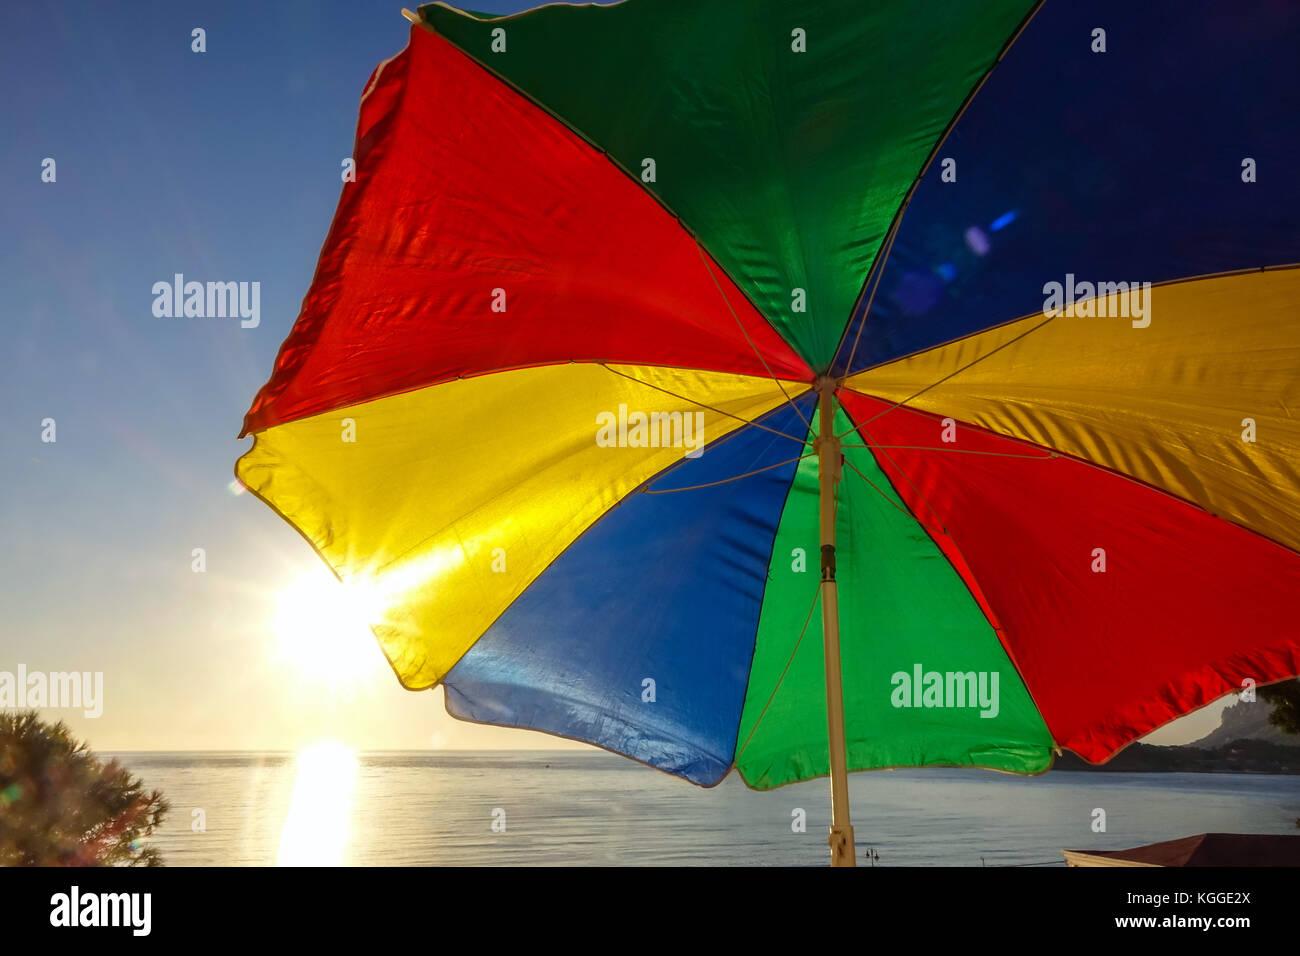 e80eced9a4f0 Rainbow coloured sun umbrella at the beach backlit against clear blue sky,  Kalymnos, Greece